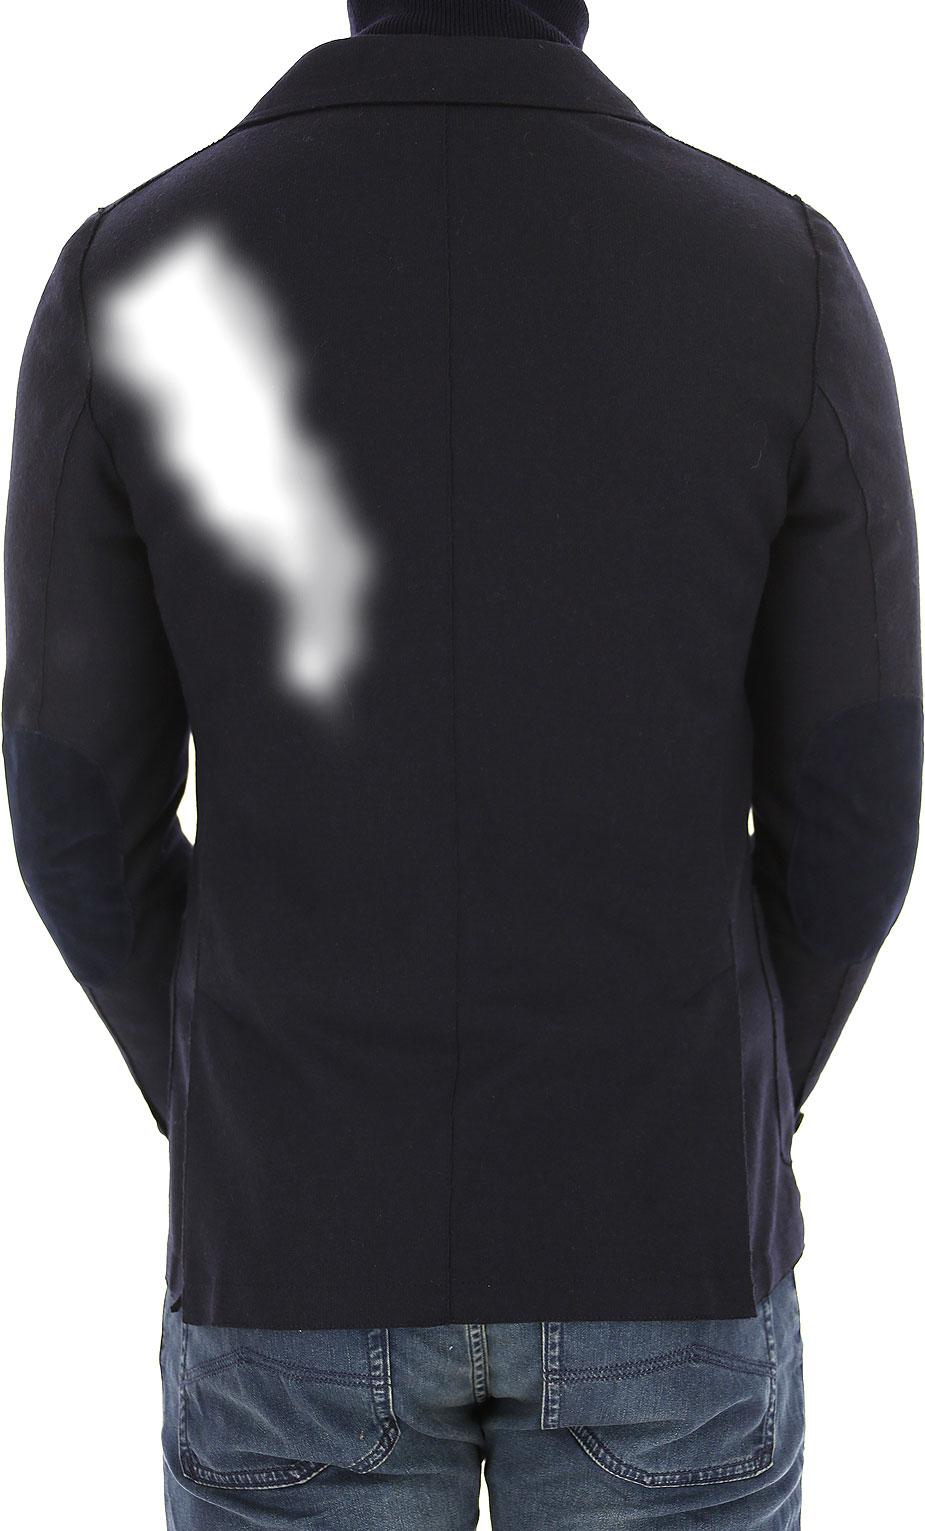 1049z 0079 Abbigliamento Uomo Articolo m203 Abbigliamento Codice Guess Uomo Guess 1B78wqvv